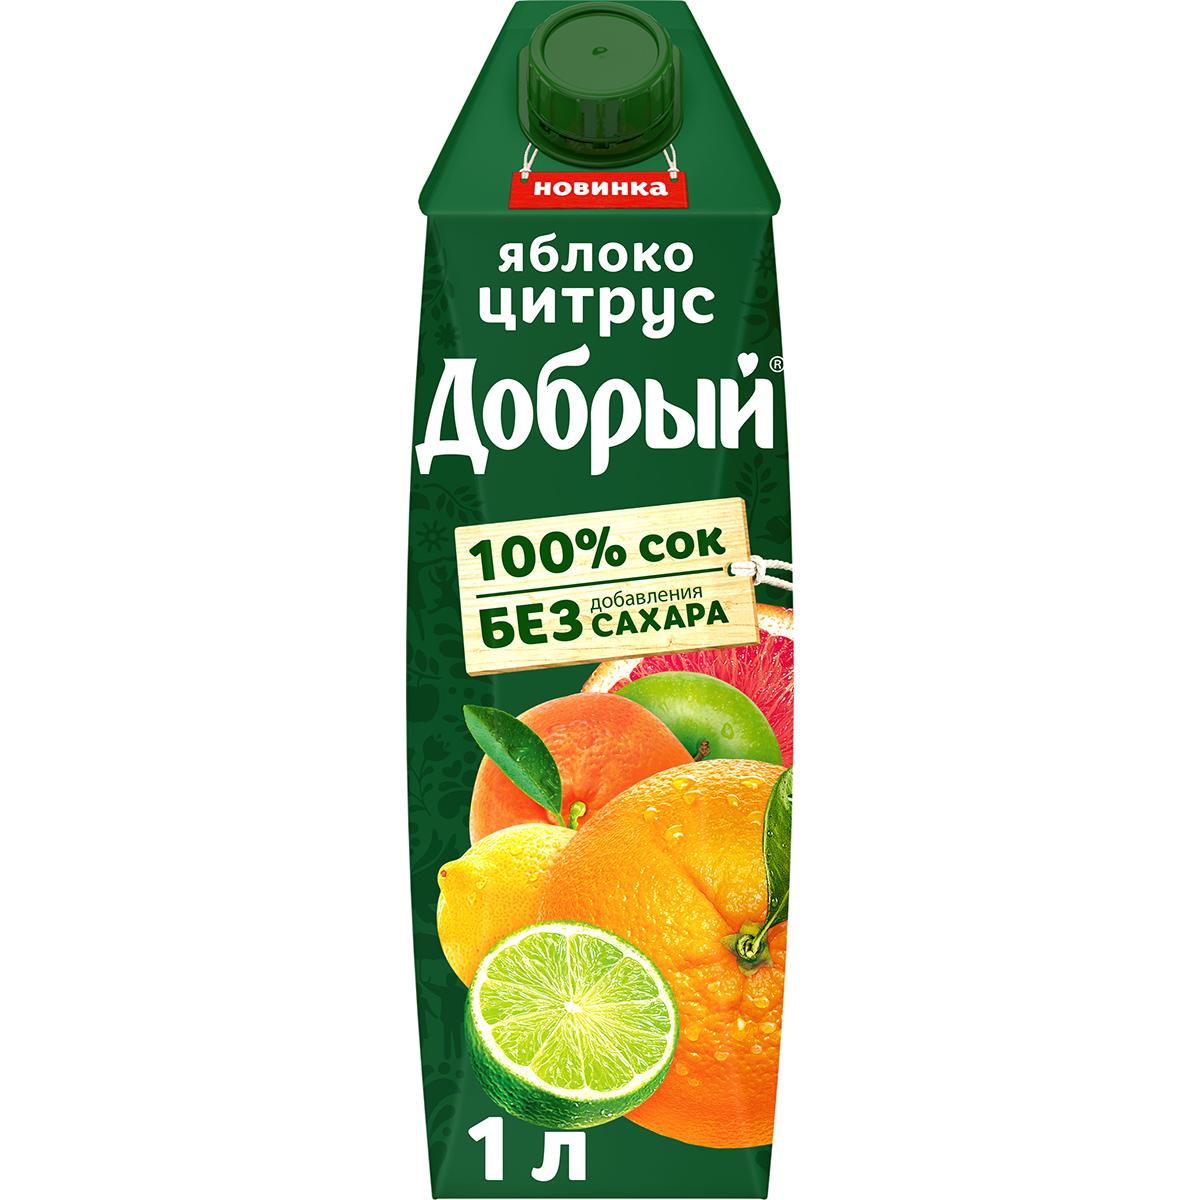 Фото - Сок Добрый Яблоко-цитрус 1 л добрый сок мультифрукт добрый